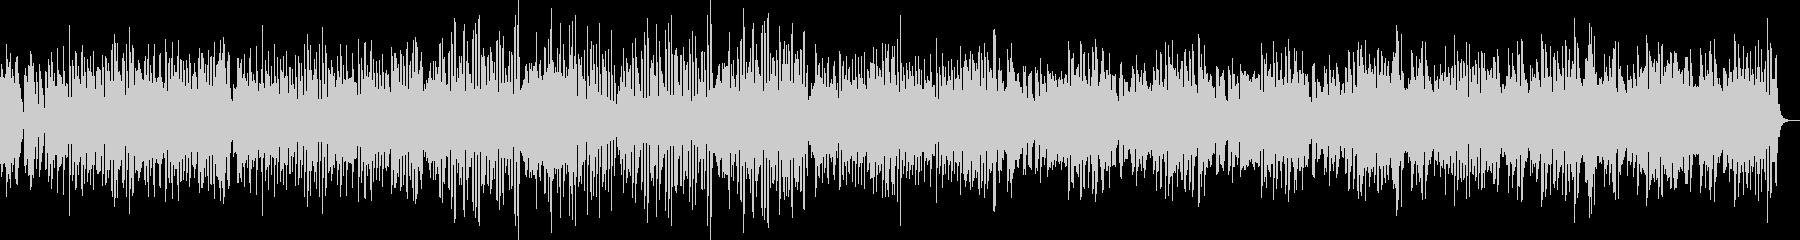 愉快なピアノのパイナップル・ラグタイムの未再生の波形